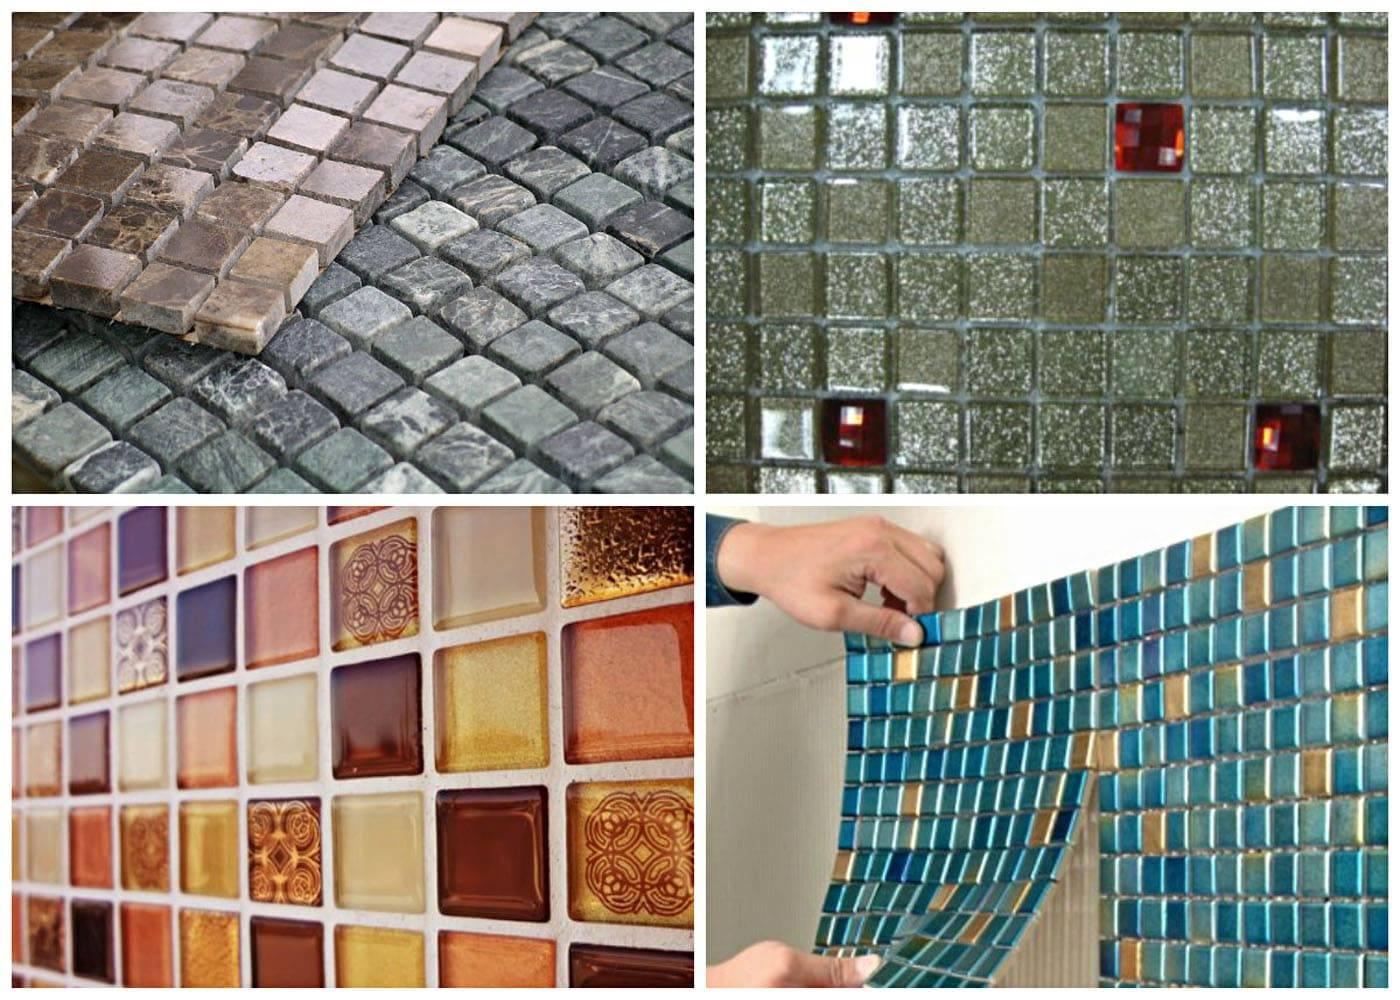 Мозаика из битой плитки: как сделать своими руками, орнамент, схемы, фото, видео » интер-ер.ру